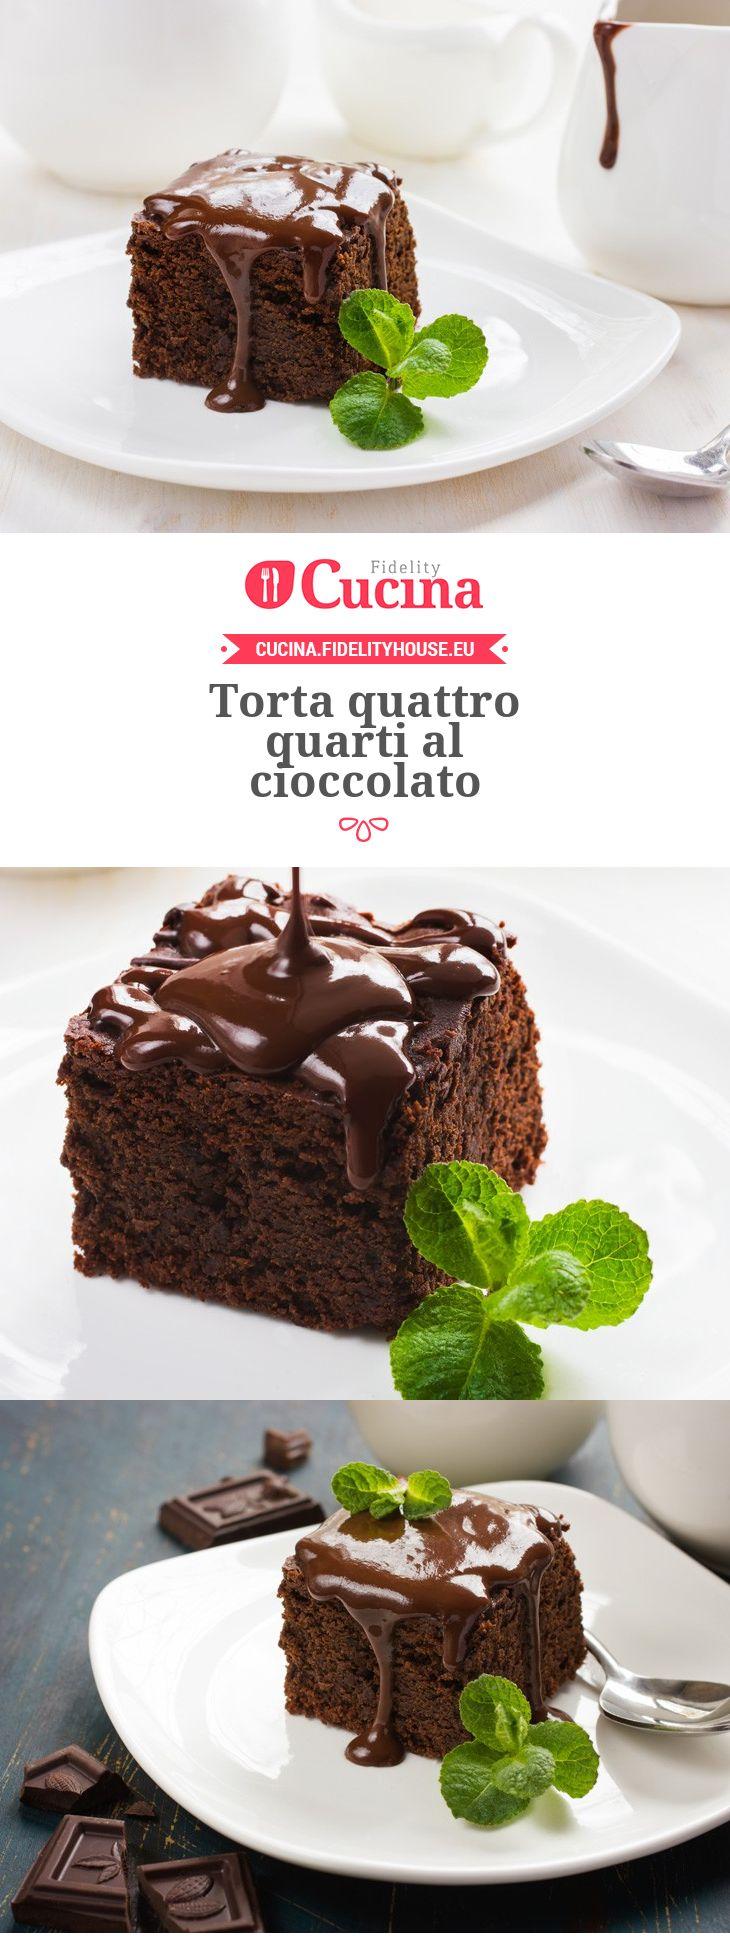 #Torta quattro quarti al #cioccolato